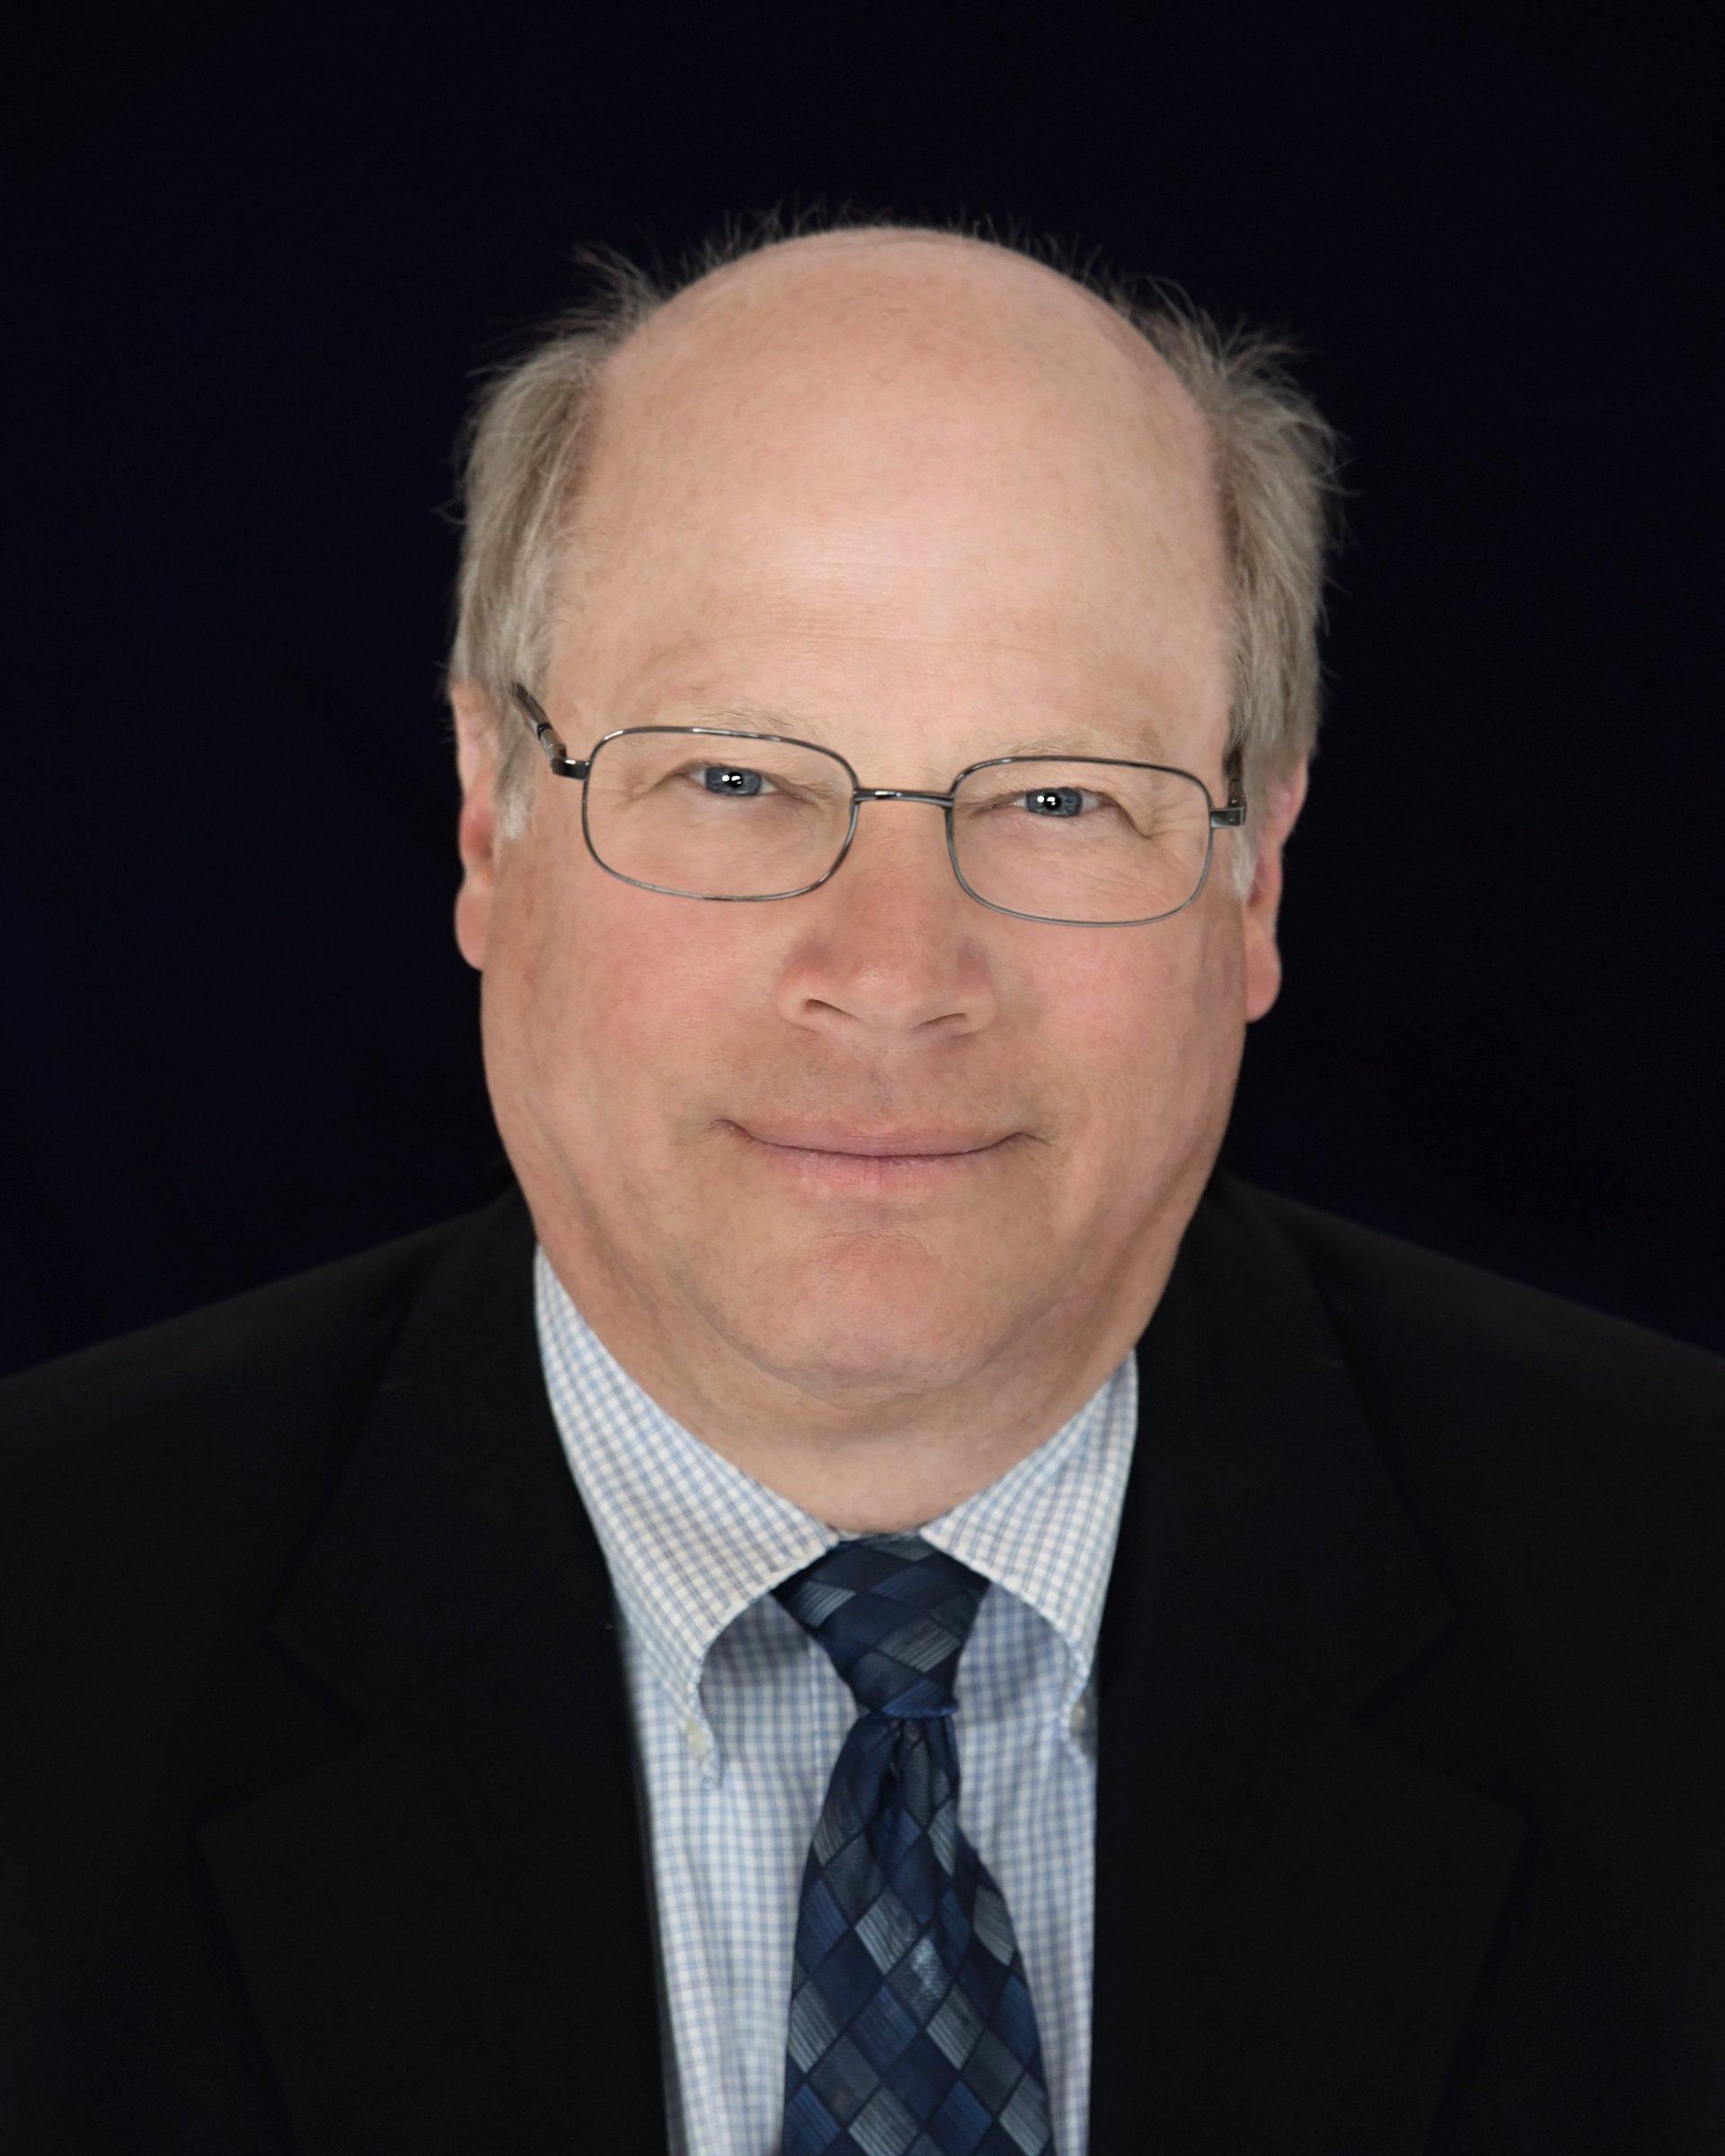 John M. Gerlach